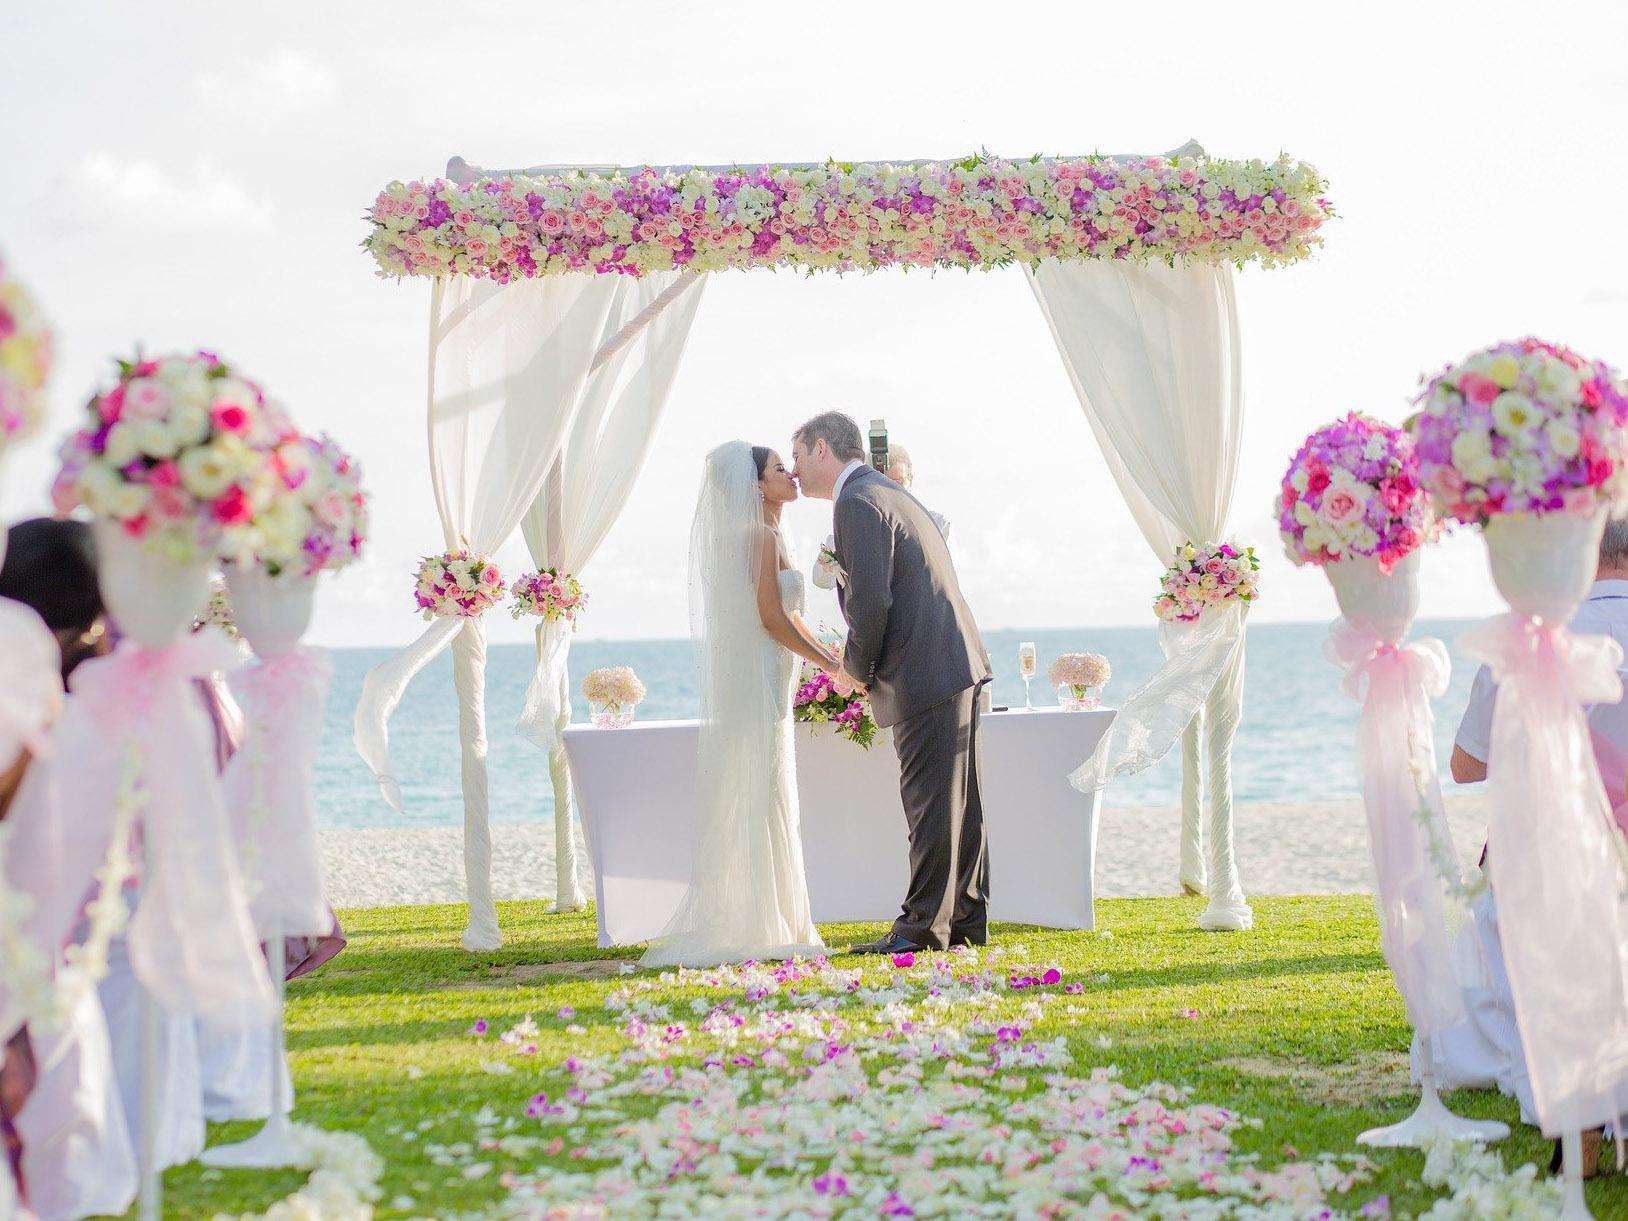 【姫路】あなたの婚活を全力サポート!マッチング率70%超のイベントも|MarriageSalonプリムラ